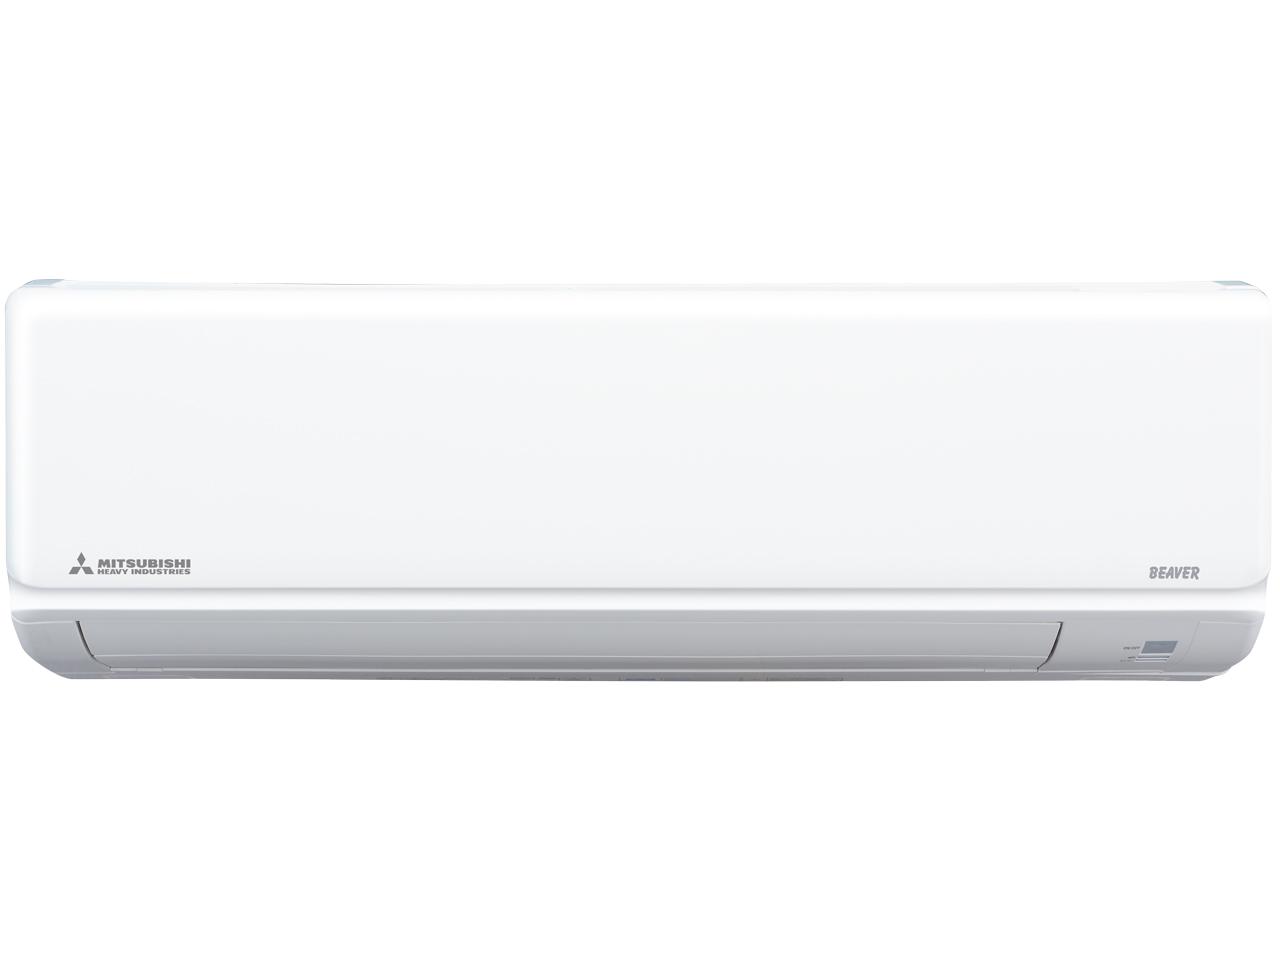 『本体 正面』 ビーバーエアコン SRK25TY の製品画像